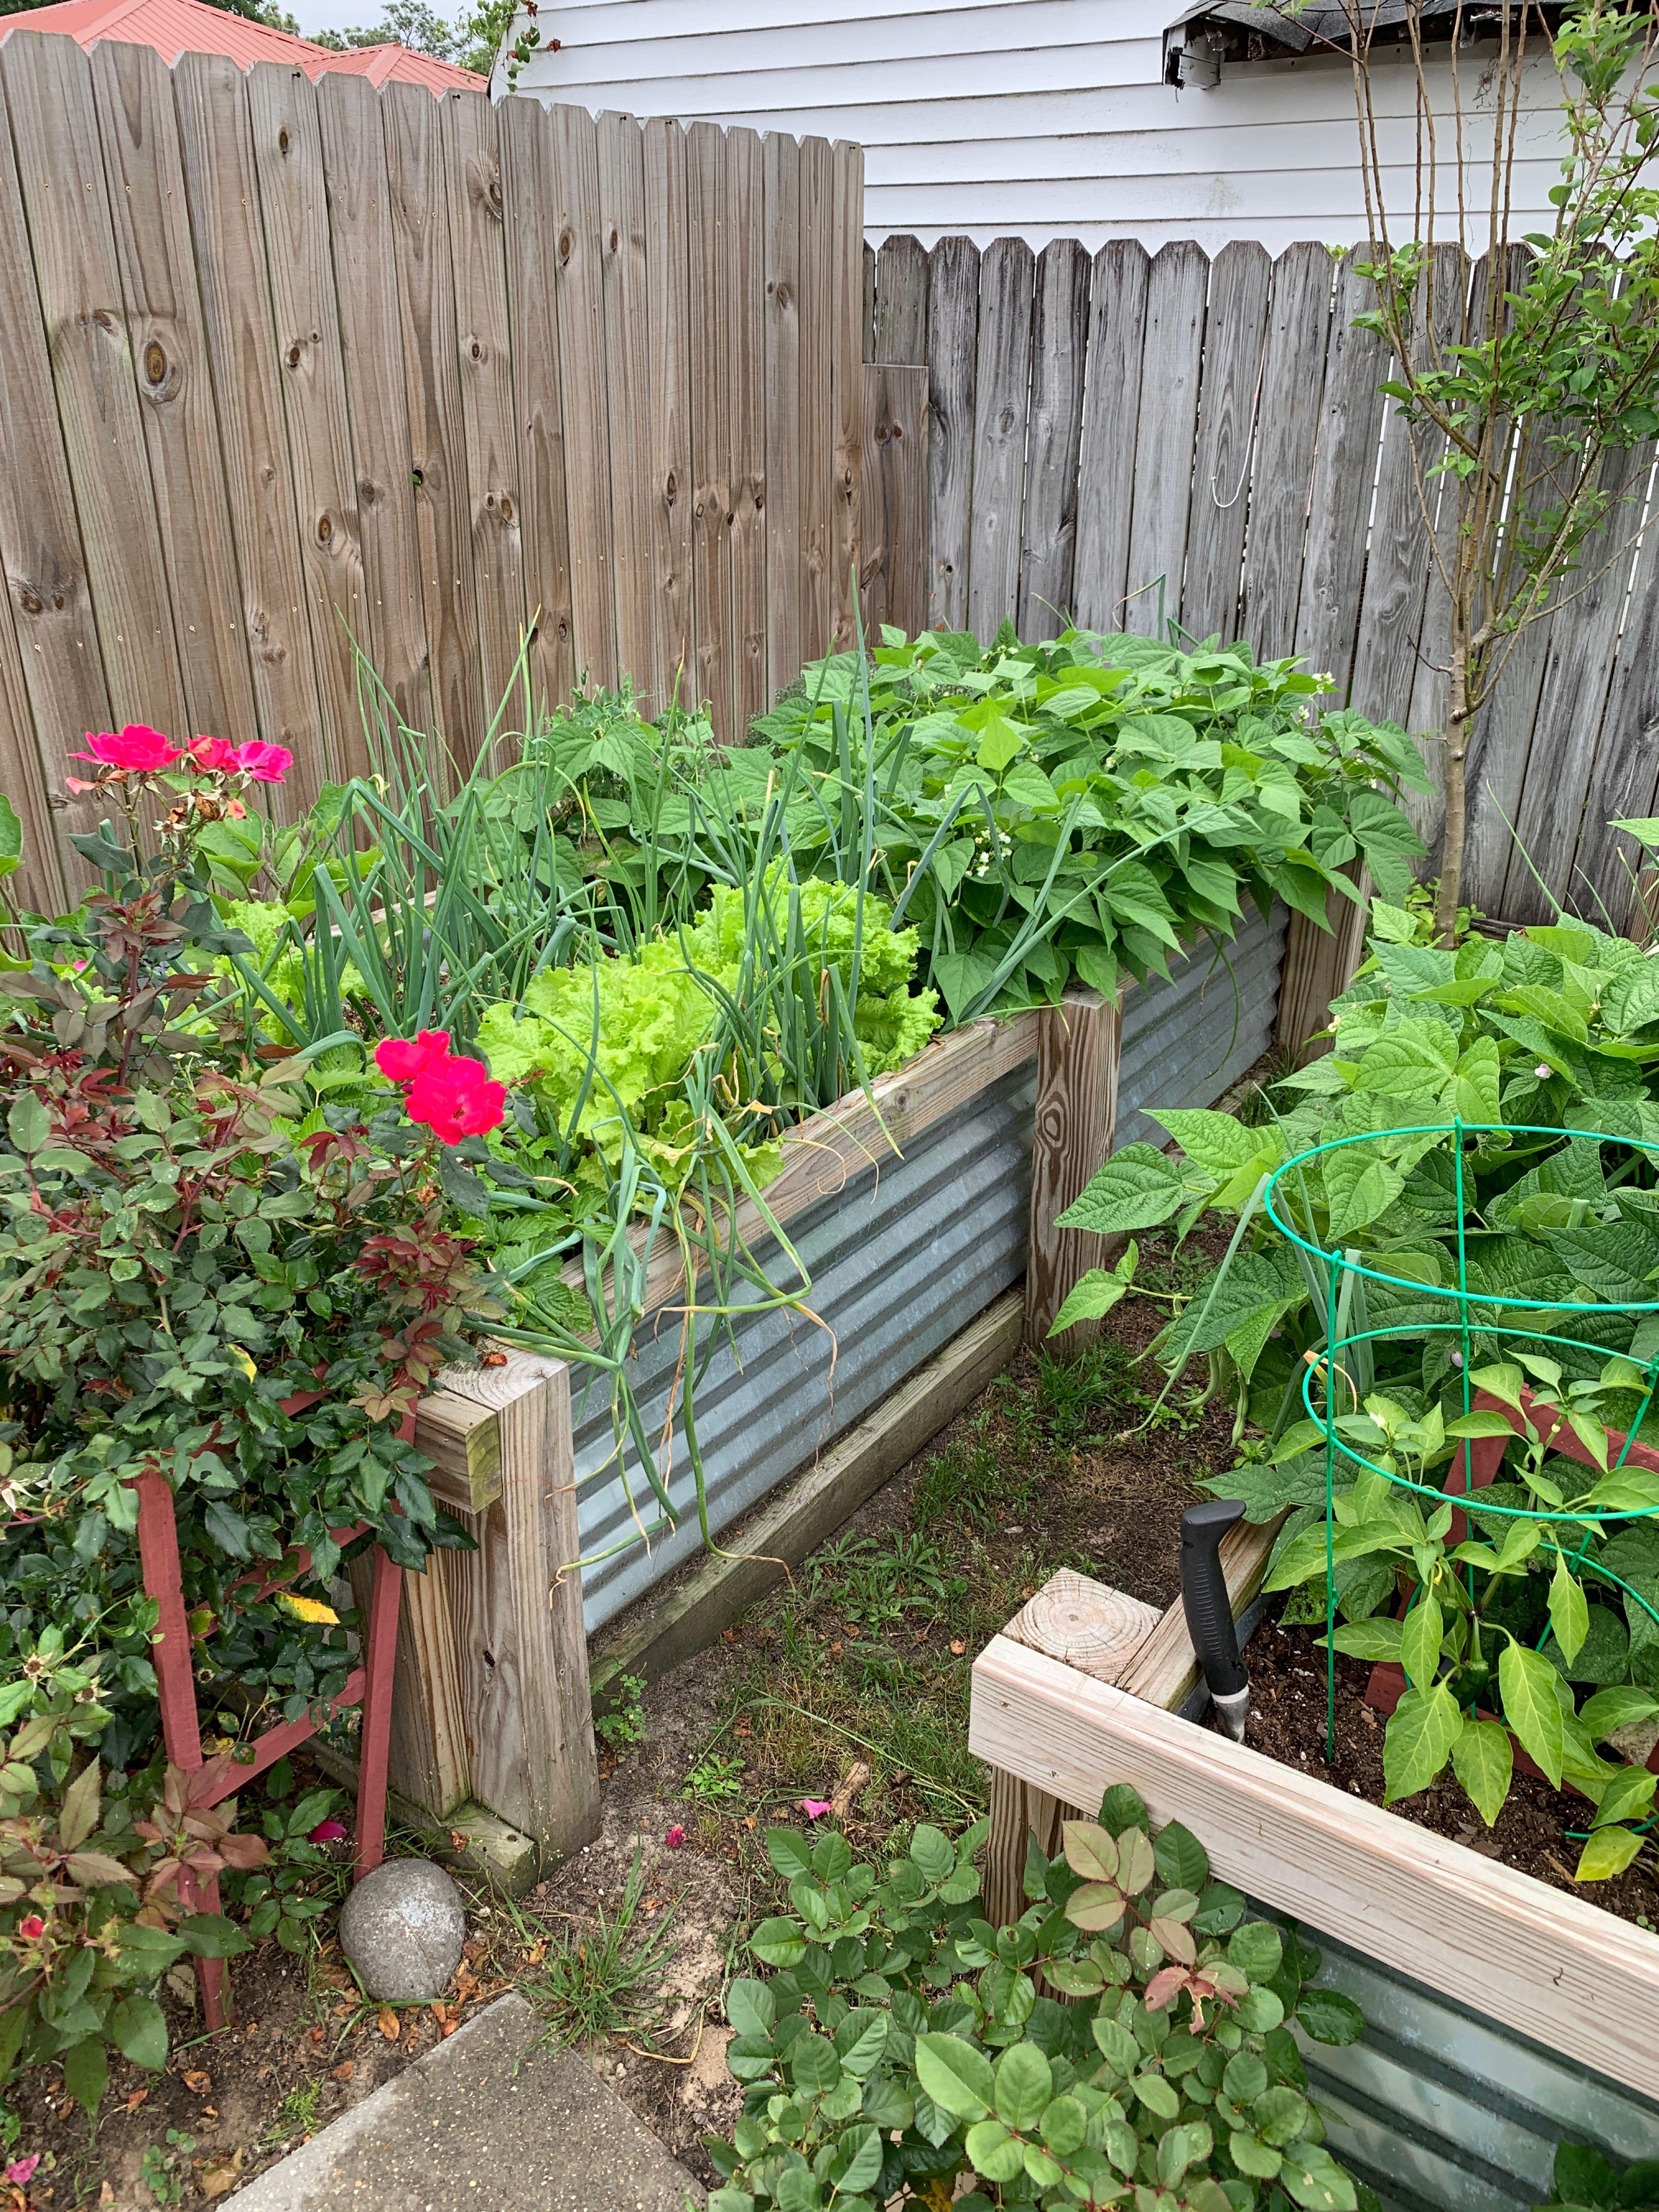 Easy Garden Bed to make 4x8 Vegetable Garden Building a